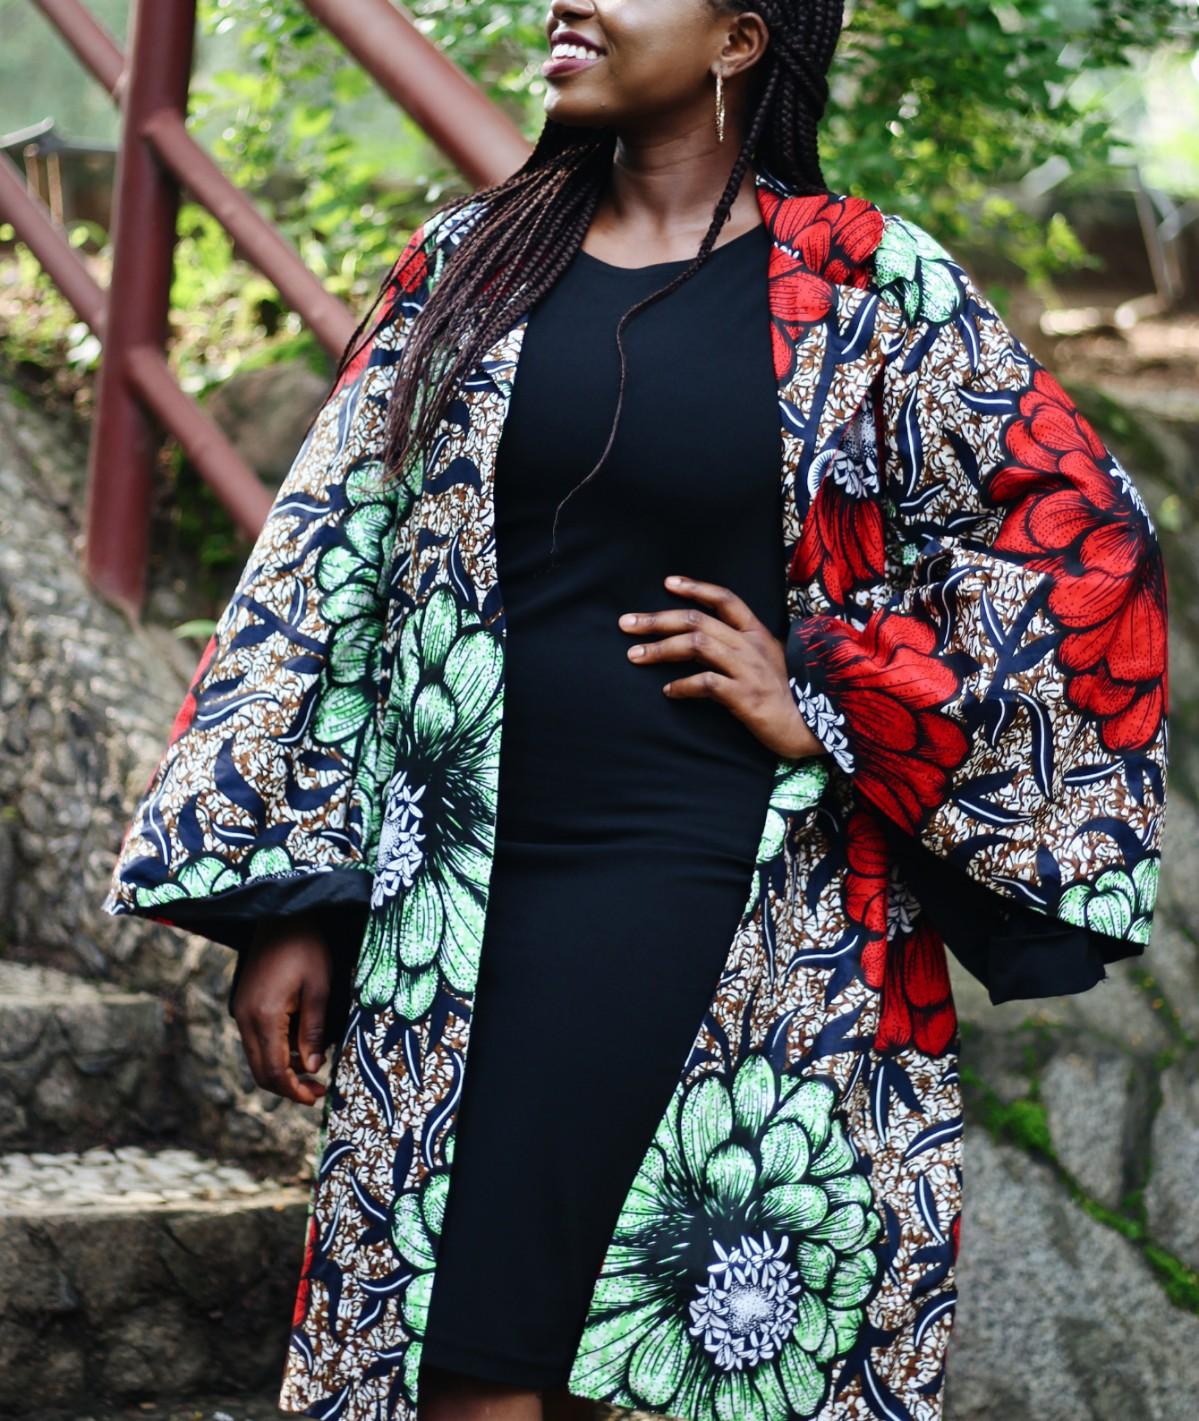 Princess Audu in a made in Nigeria ankara dress